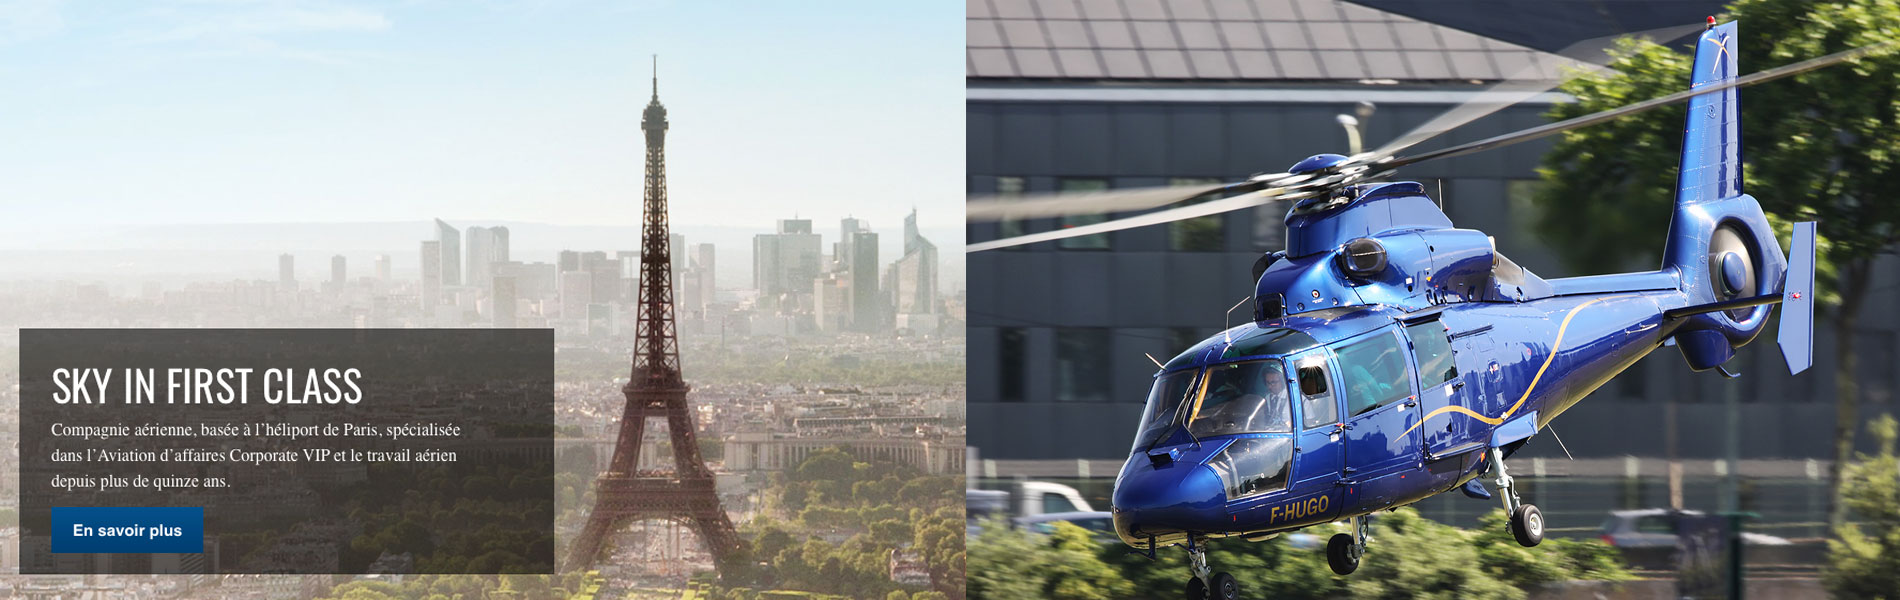 Destino Paris